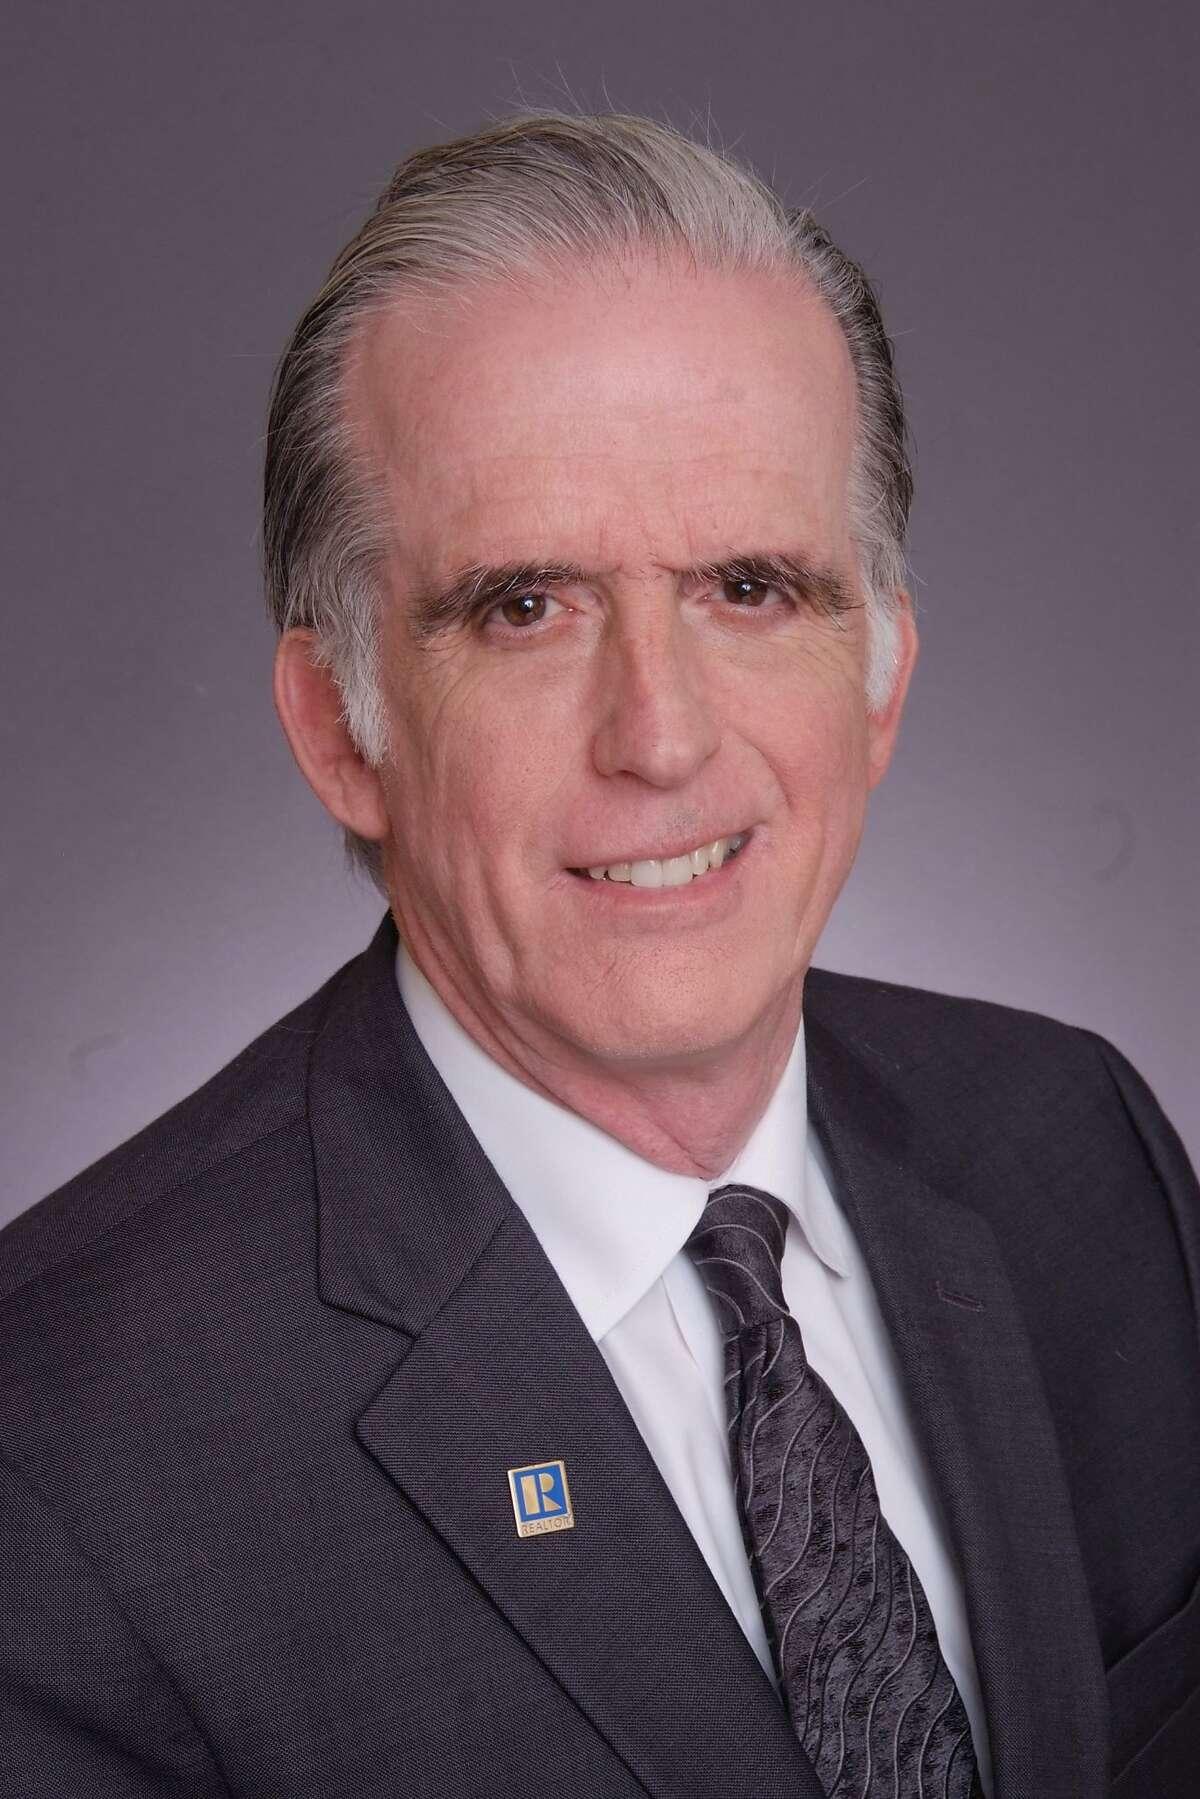 Jeffrey LaMont